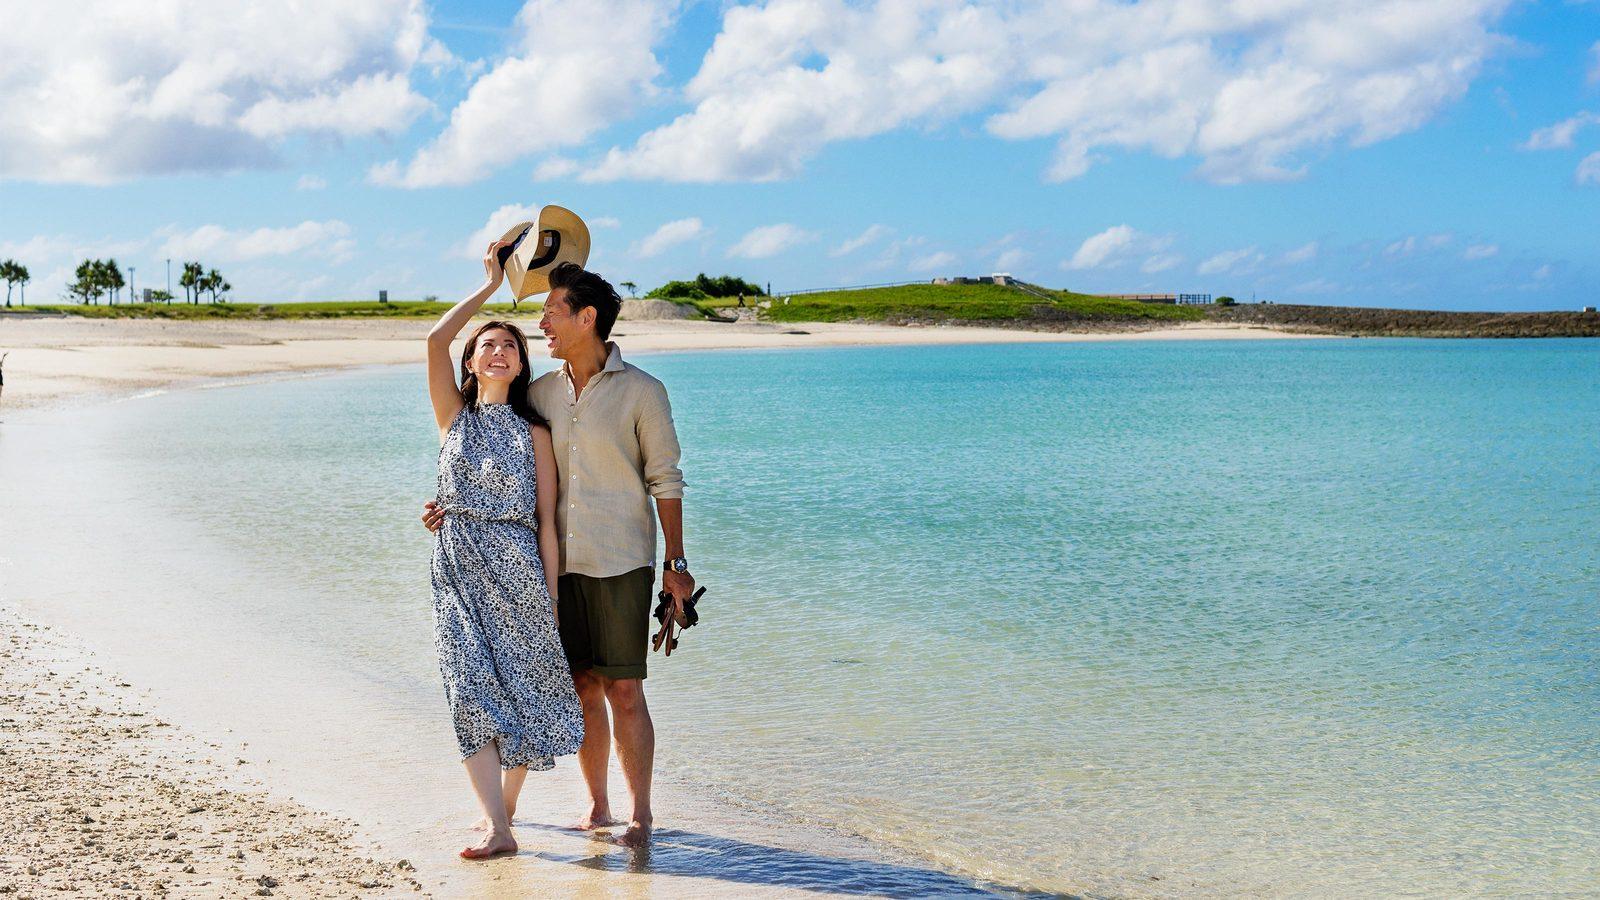 沖縄豊崎で始める人生のセカンドステージ 美しい自然、緩やかに流れる時間